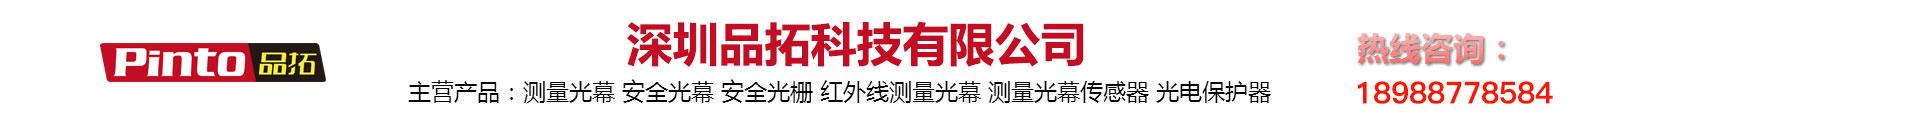 深圳品拓科技有限公司